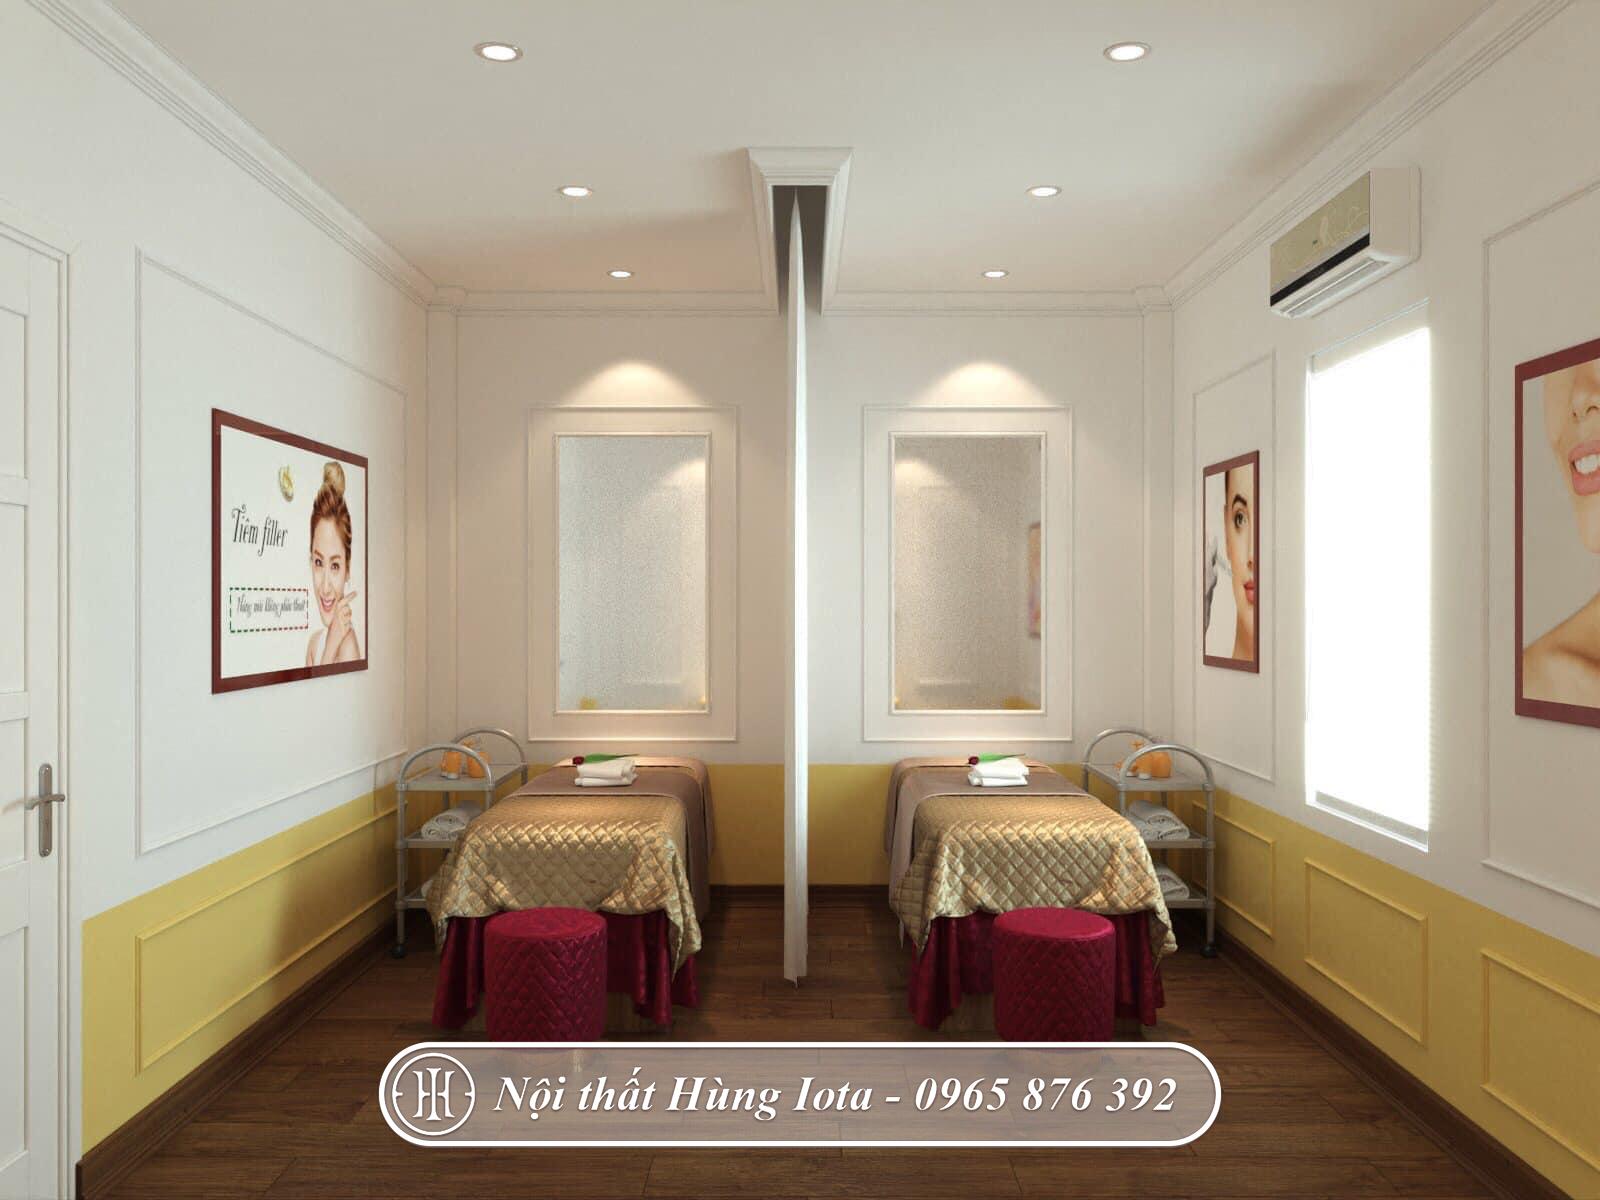 Thiết kế phòng massage body nhỏ đẹp spa Mỹ Linh Beauty Spa & Academy